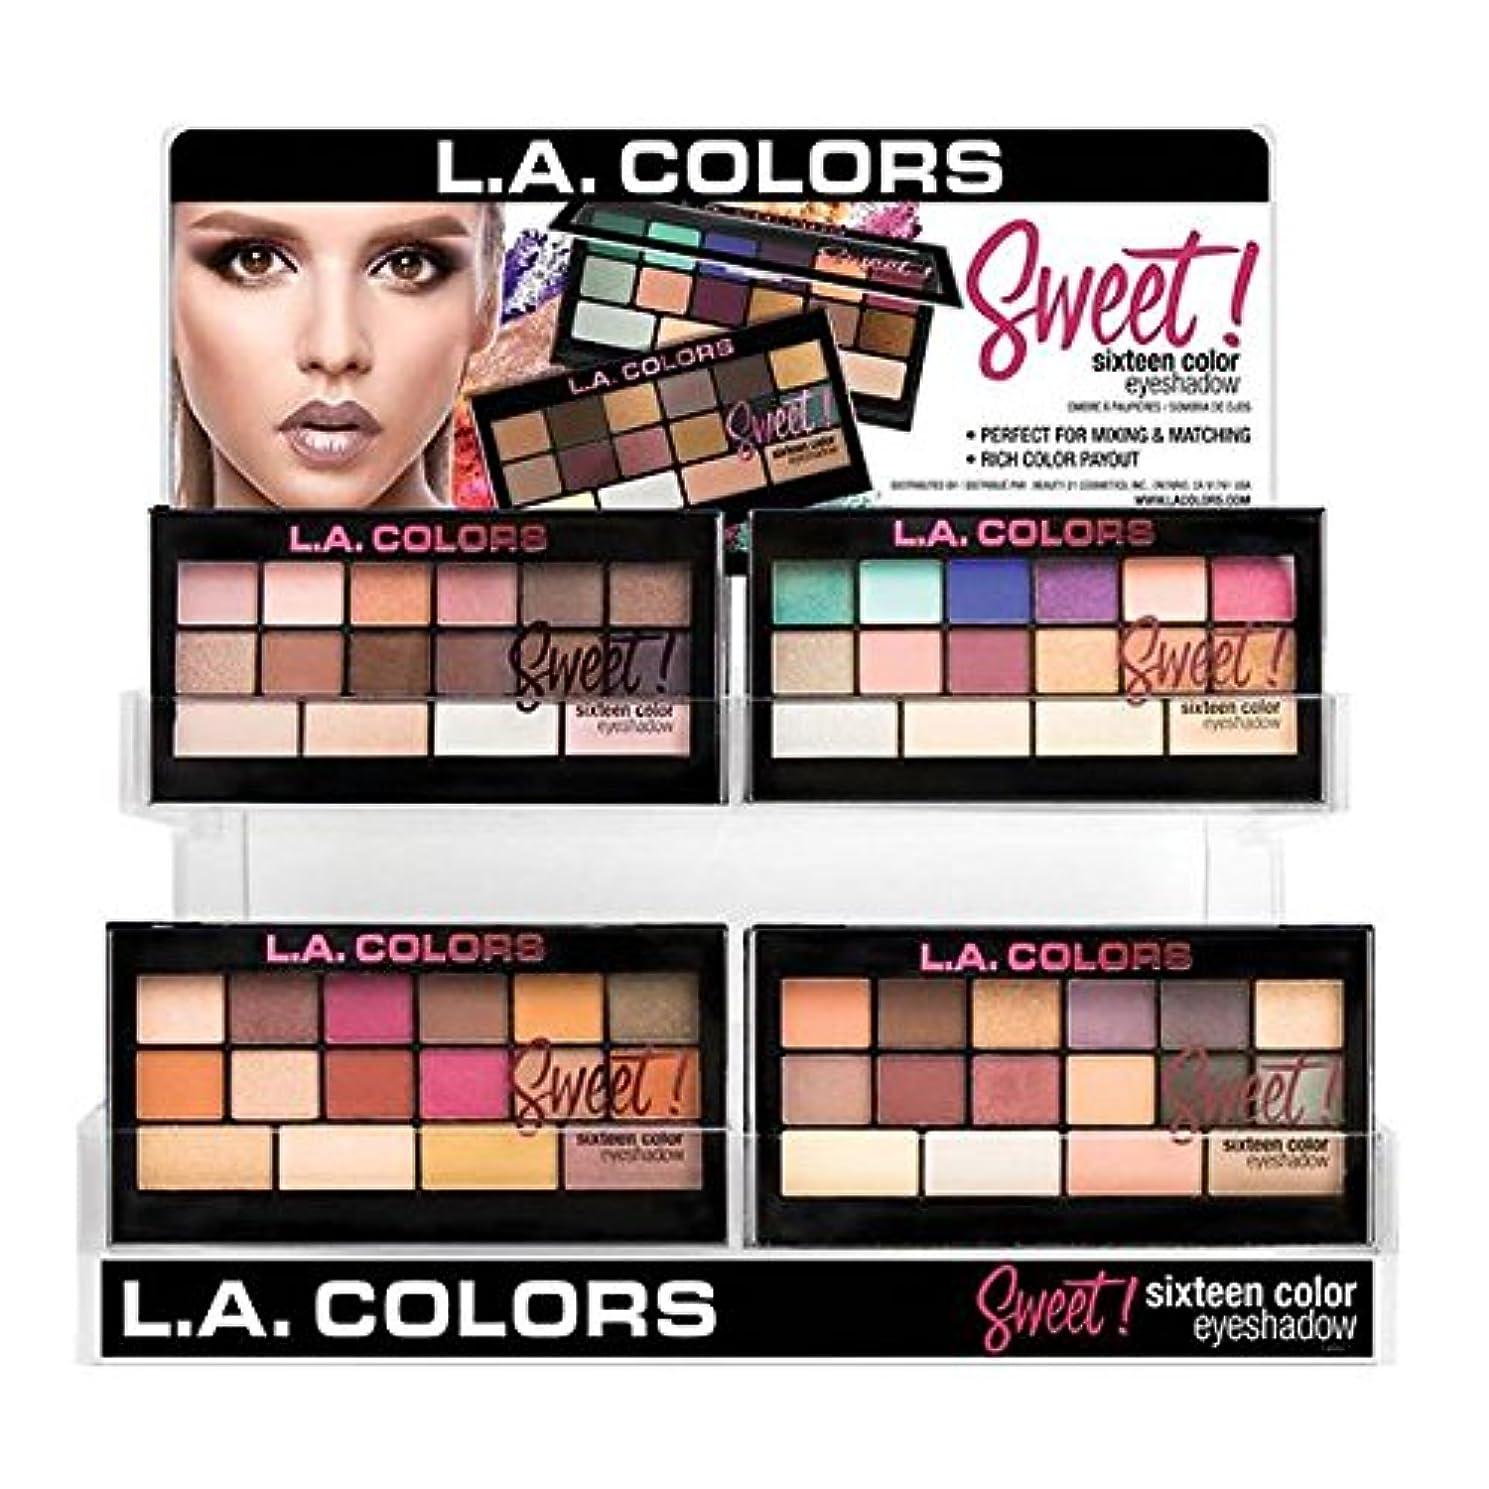 素晴らしいですマディソン中でL.A. COLORS Sweet! 16 Color Eyeshadow Display Set, 60 pcs (並行輸入品)